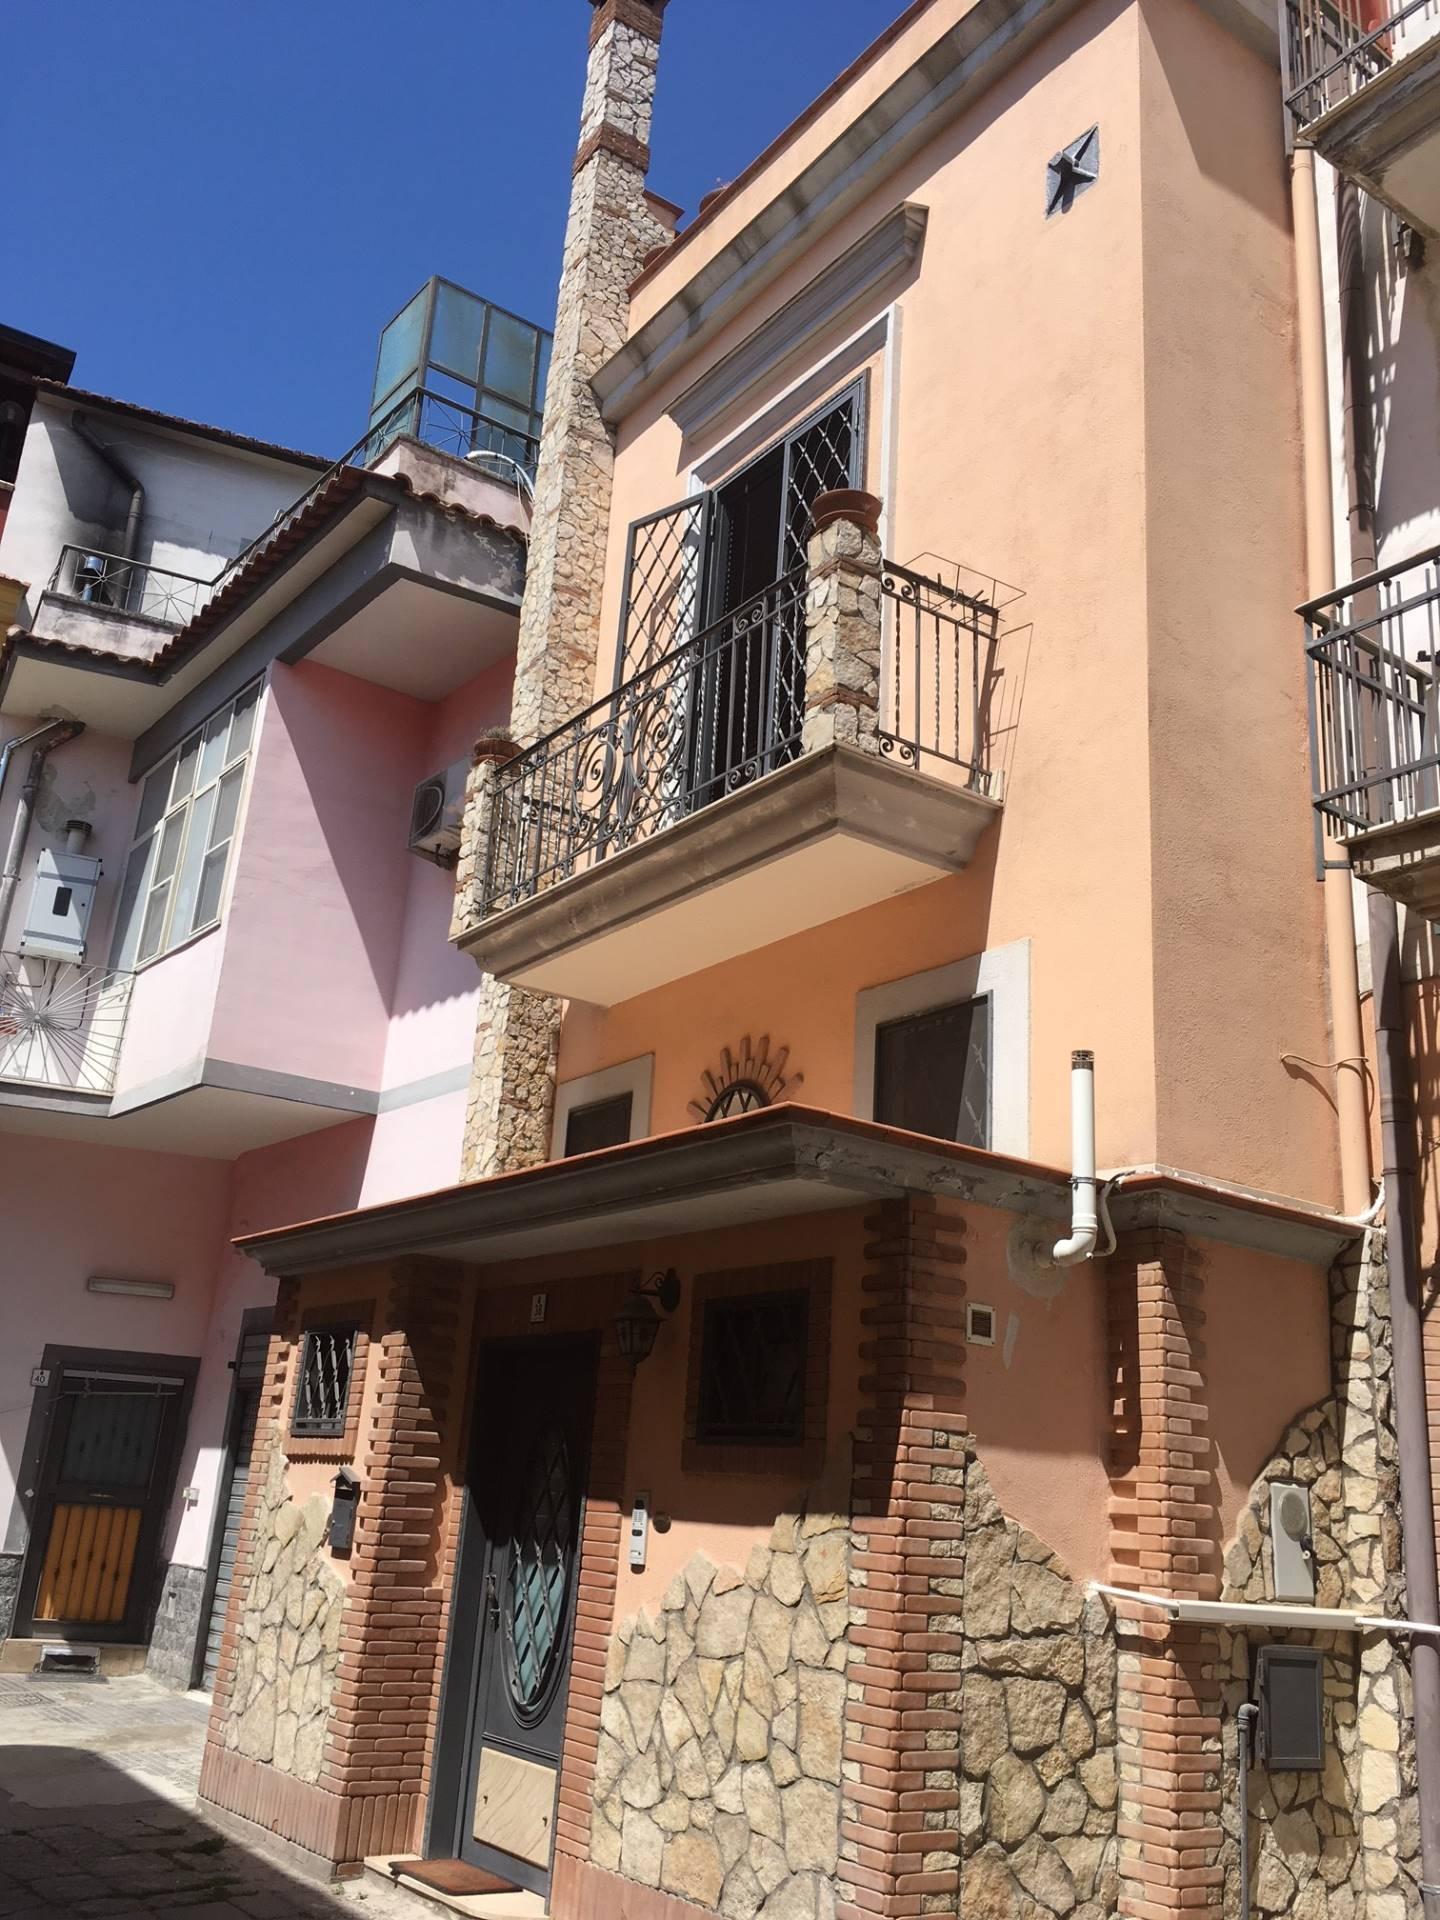 Soluzione Semindipendente in vendita a Mariglianella, 3 locali, prezzo € 107.000 | CambioCasa.it